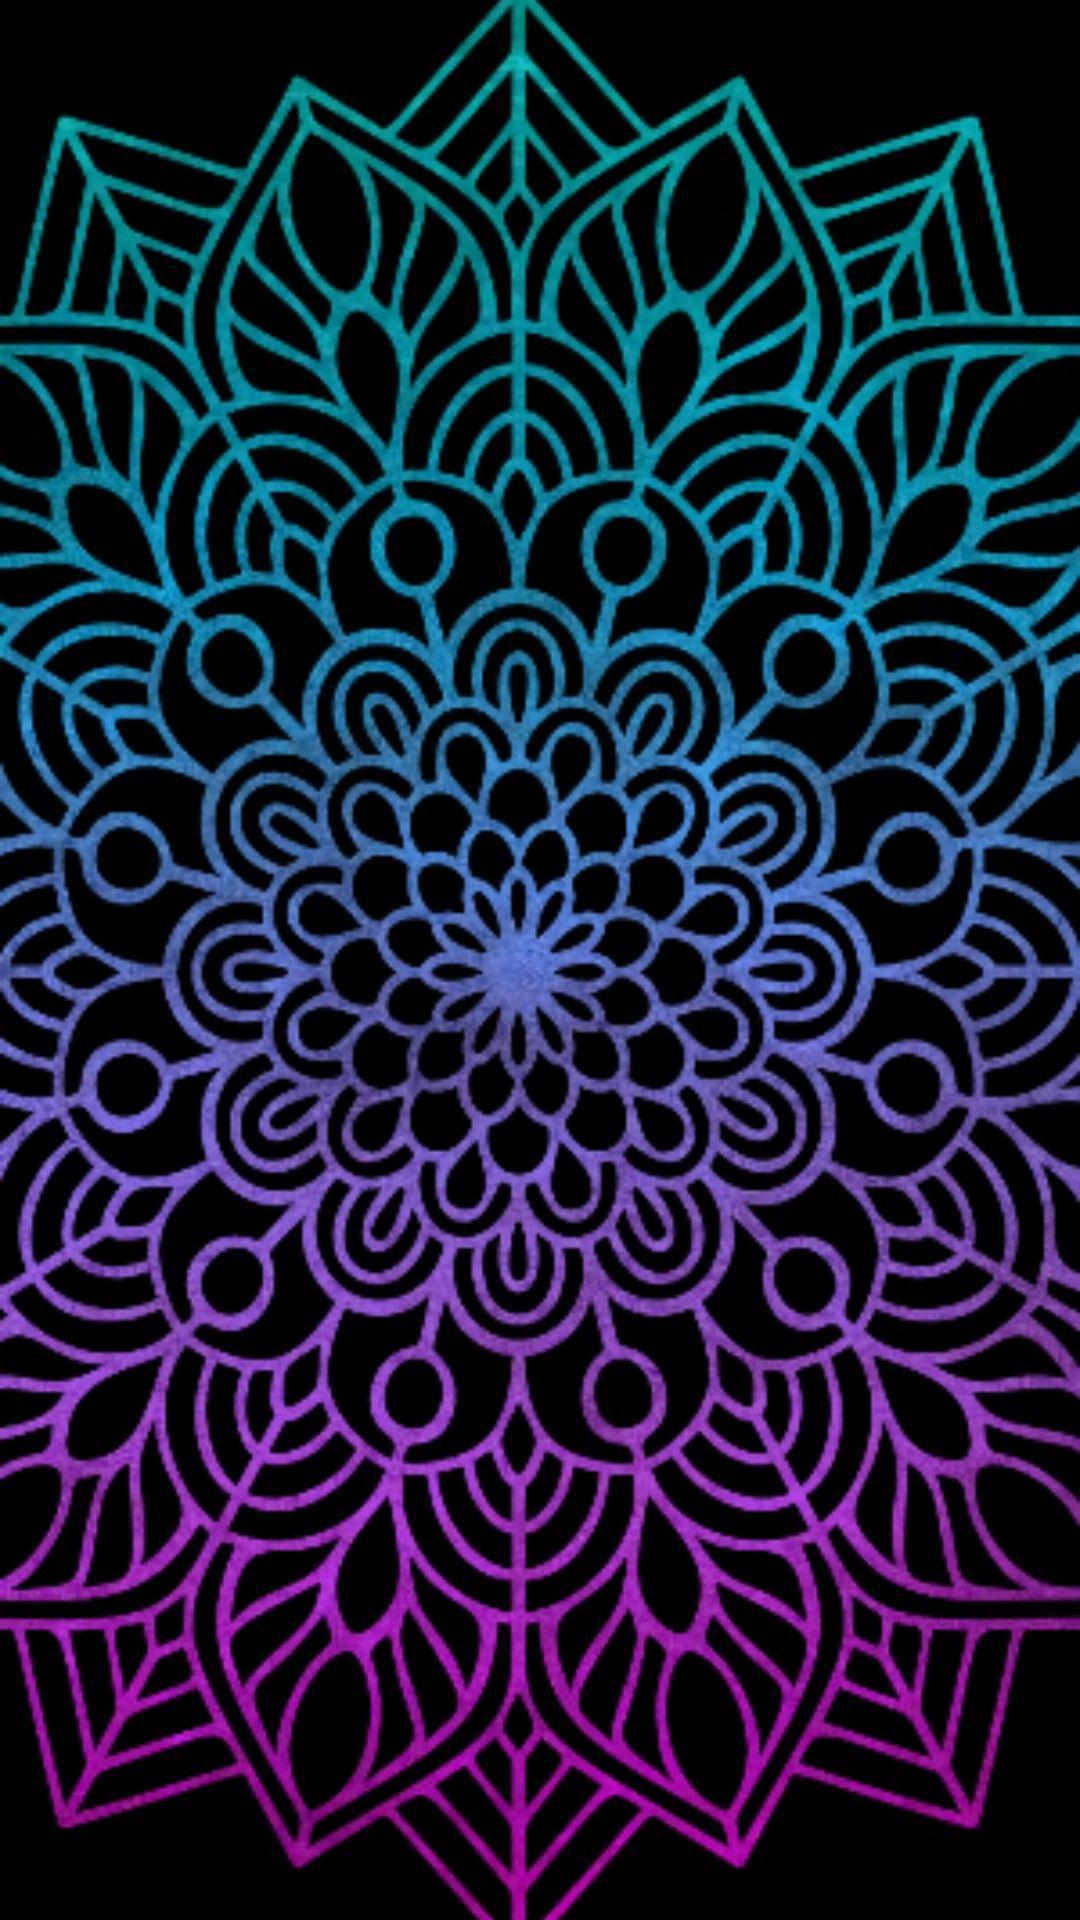 Mandala hd wallpaper